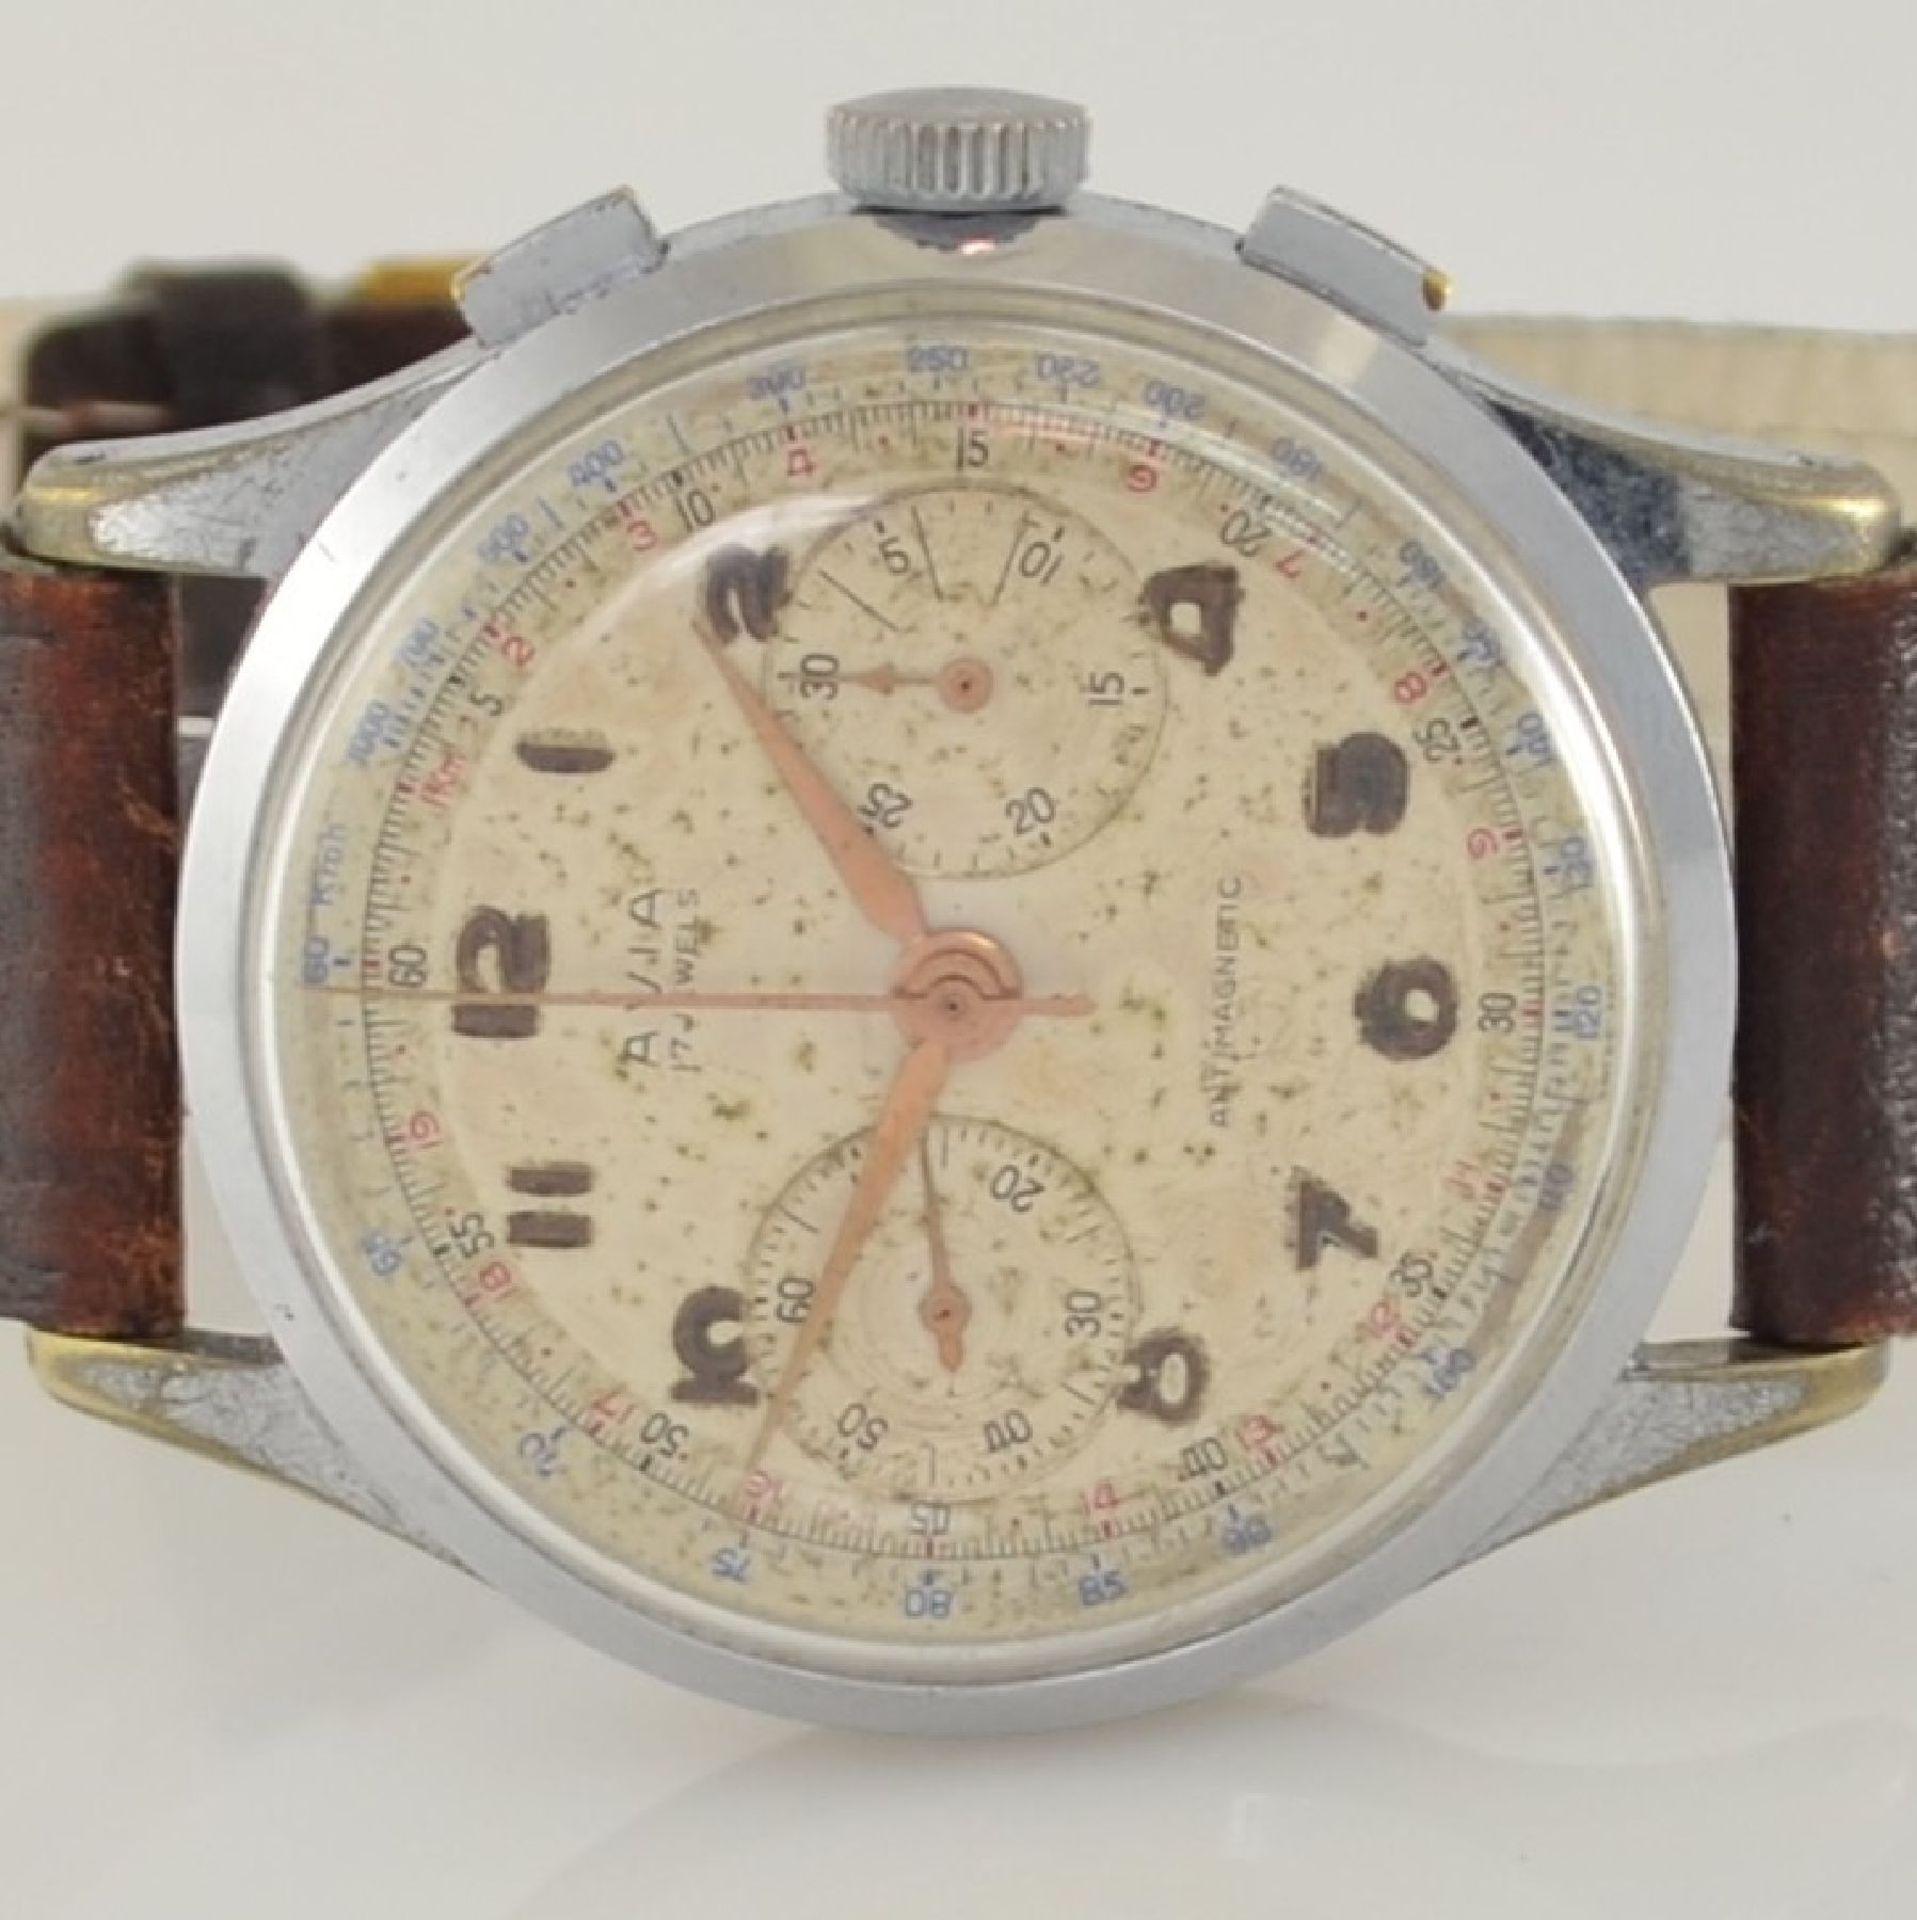 AVIA Armbandchronograph, Handaufzug, Schweiz für den dtsch. Markt um 1940, verchr. Metallgeh. - Bild 2 aus 10